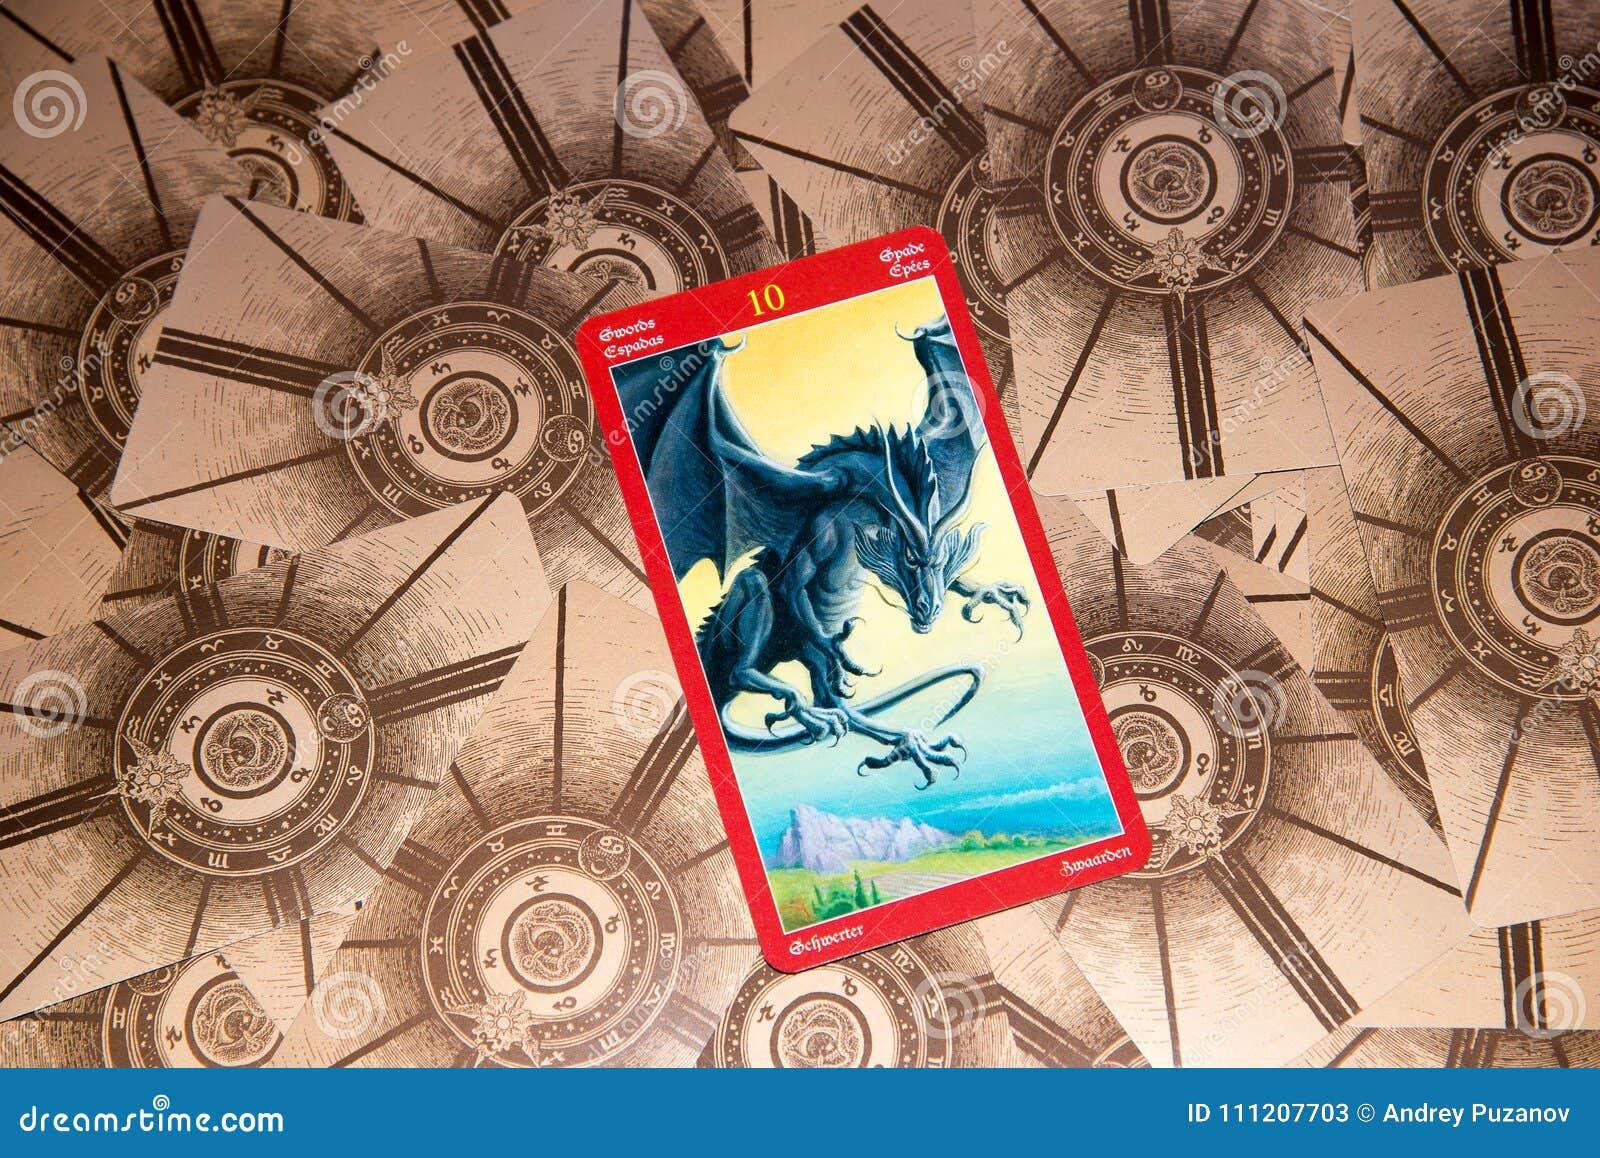 Tarot Card Ten Of Swords  Dragon Tarot Deck  Esoteric